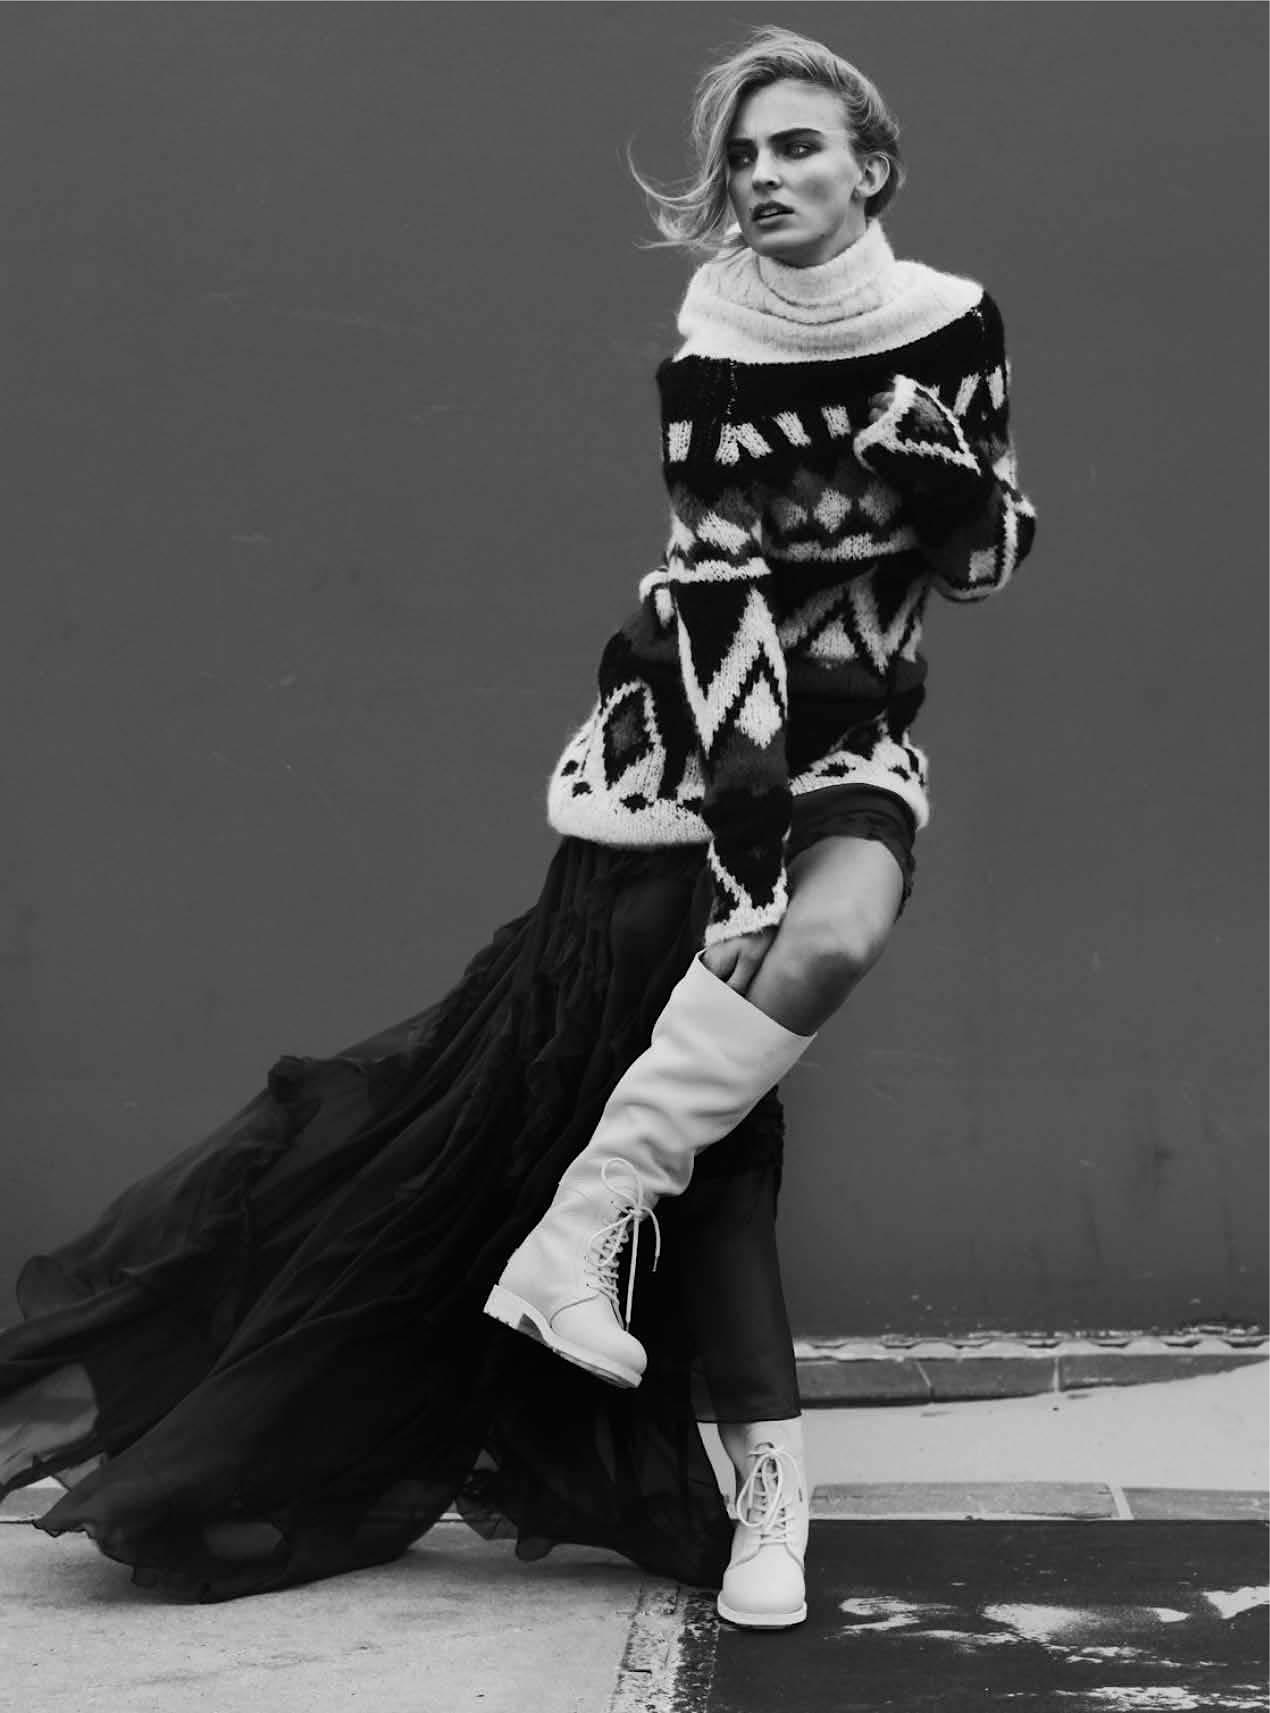 платье из шелкового шифона цвета королевский синий, Emilio Pucci; свитер, Peuterey; белые кожаные сапоги, Shabbies